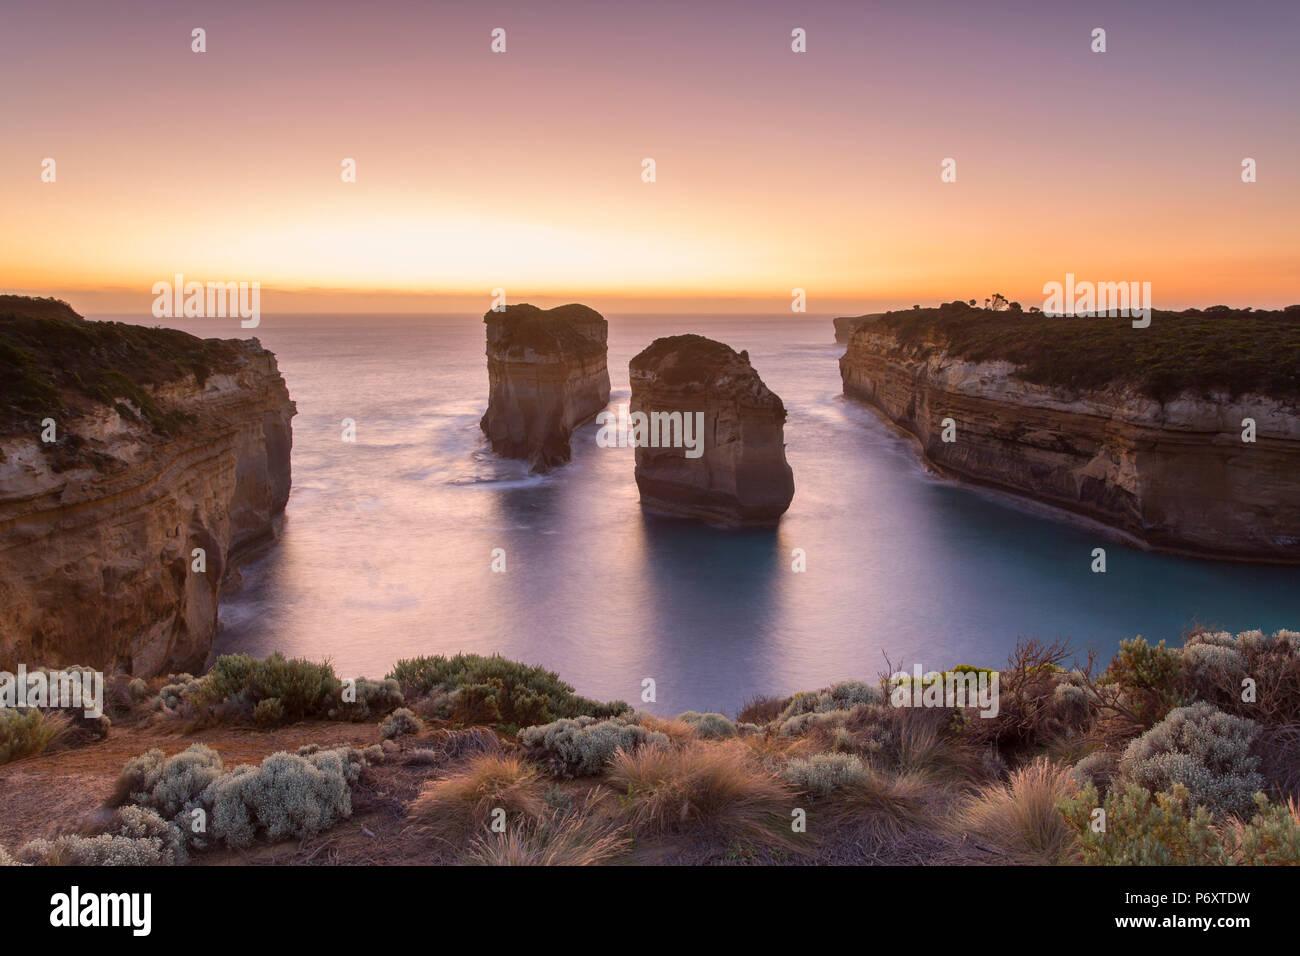 Alla Gola Loch Ard al tramonto, Parco Nazionale di Port Campbell, Great Ocean Road, Victoria, Australia Foto Stock